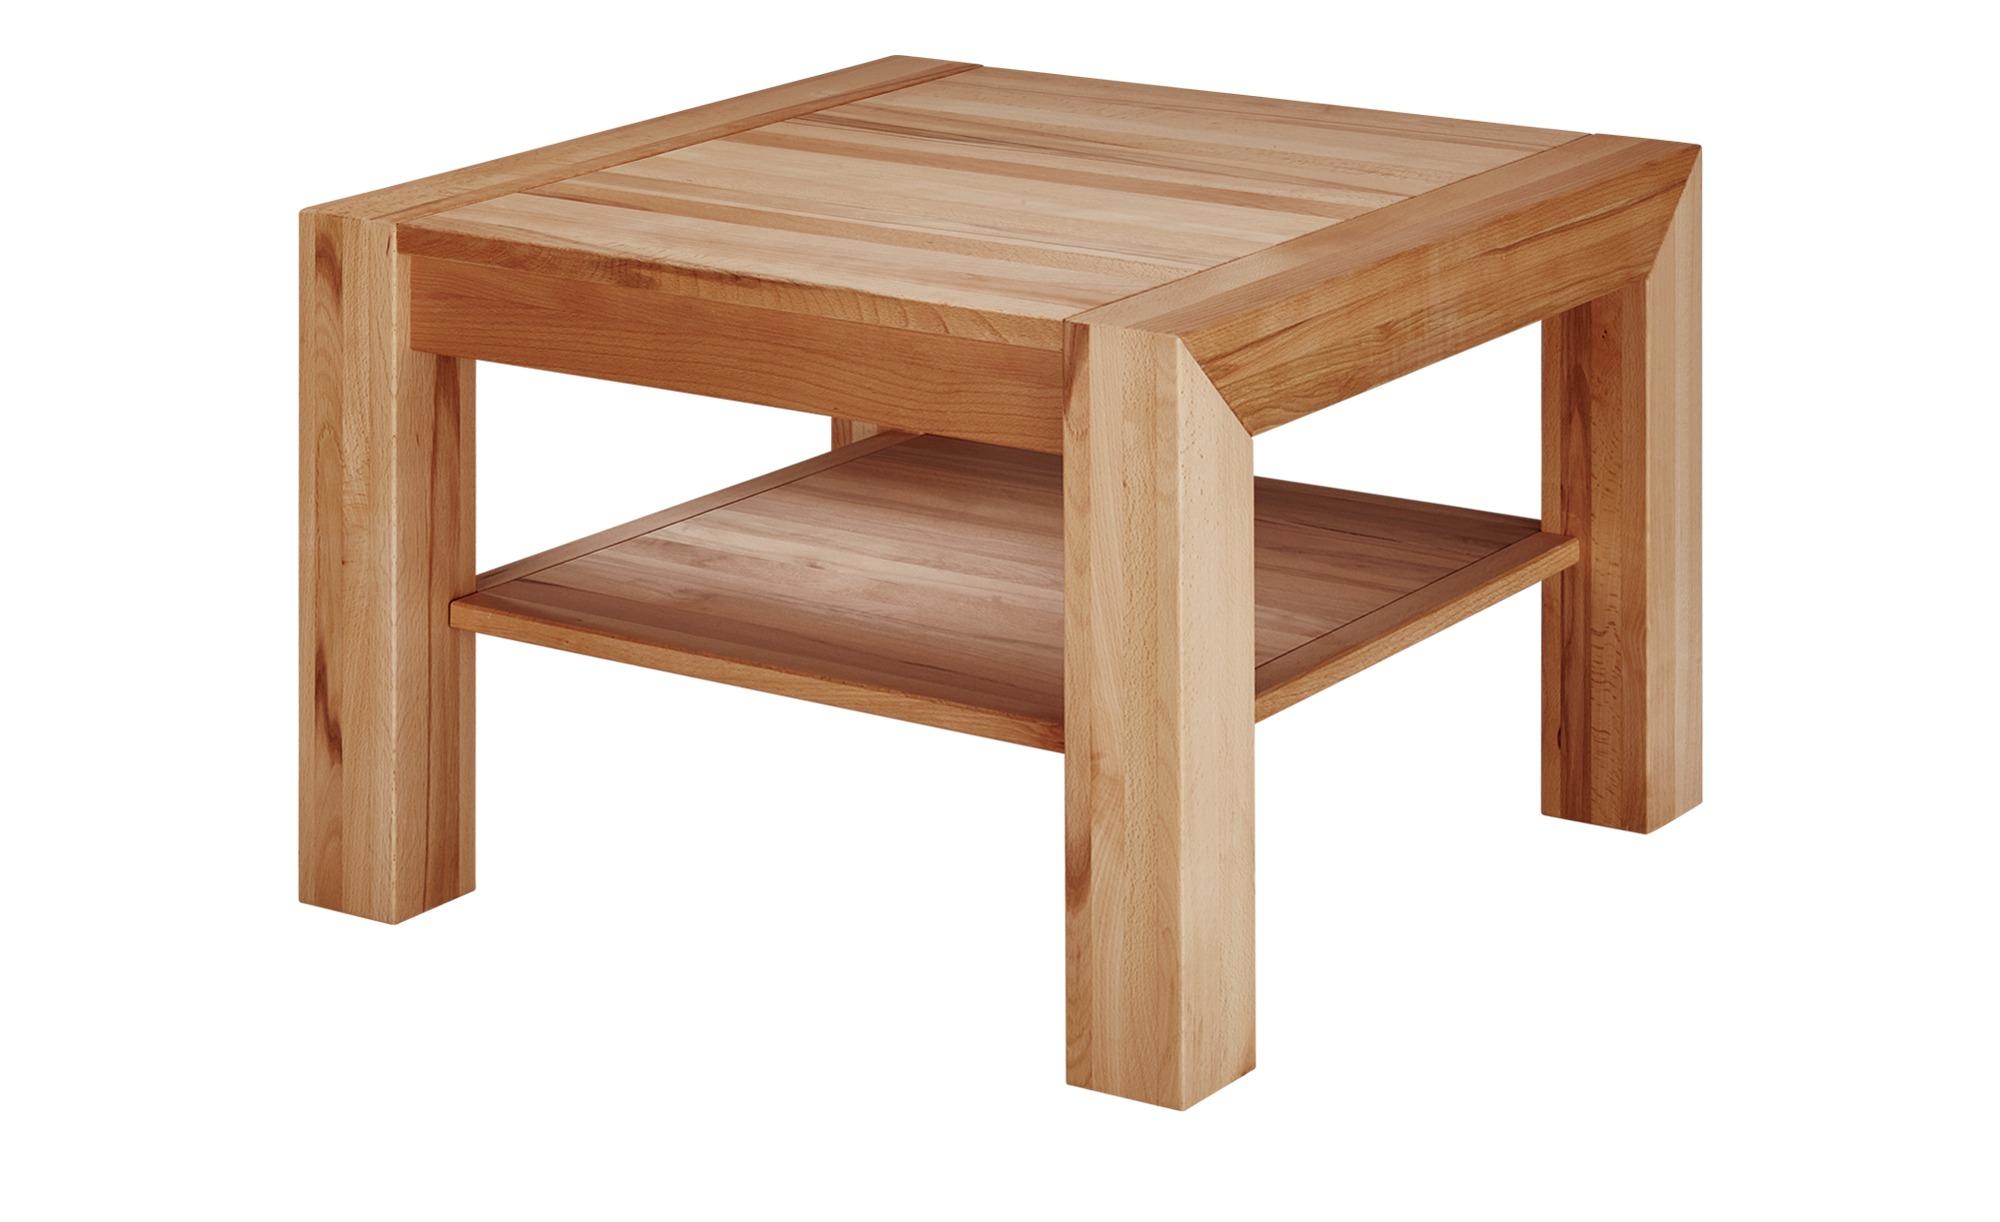 Couchtisch  Cura ¦ holzfarben ¦ Maße (cm): B: 65 H: 46 Tische > Couchtische > Couchtisch Massivholz - Höffner